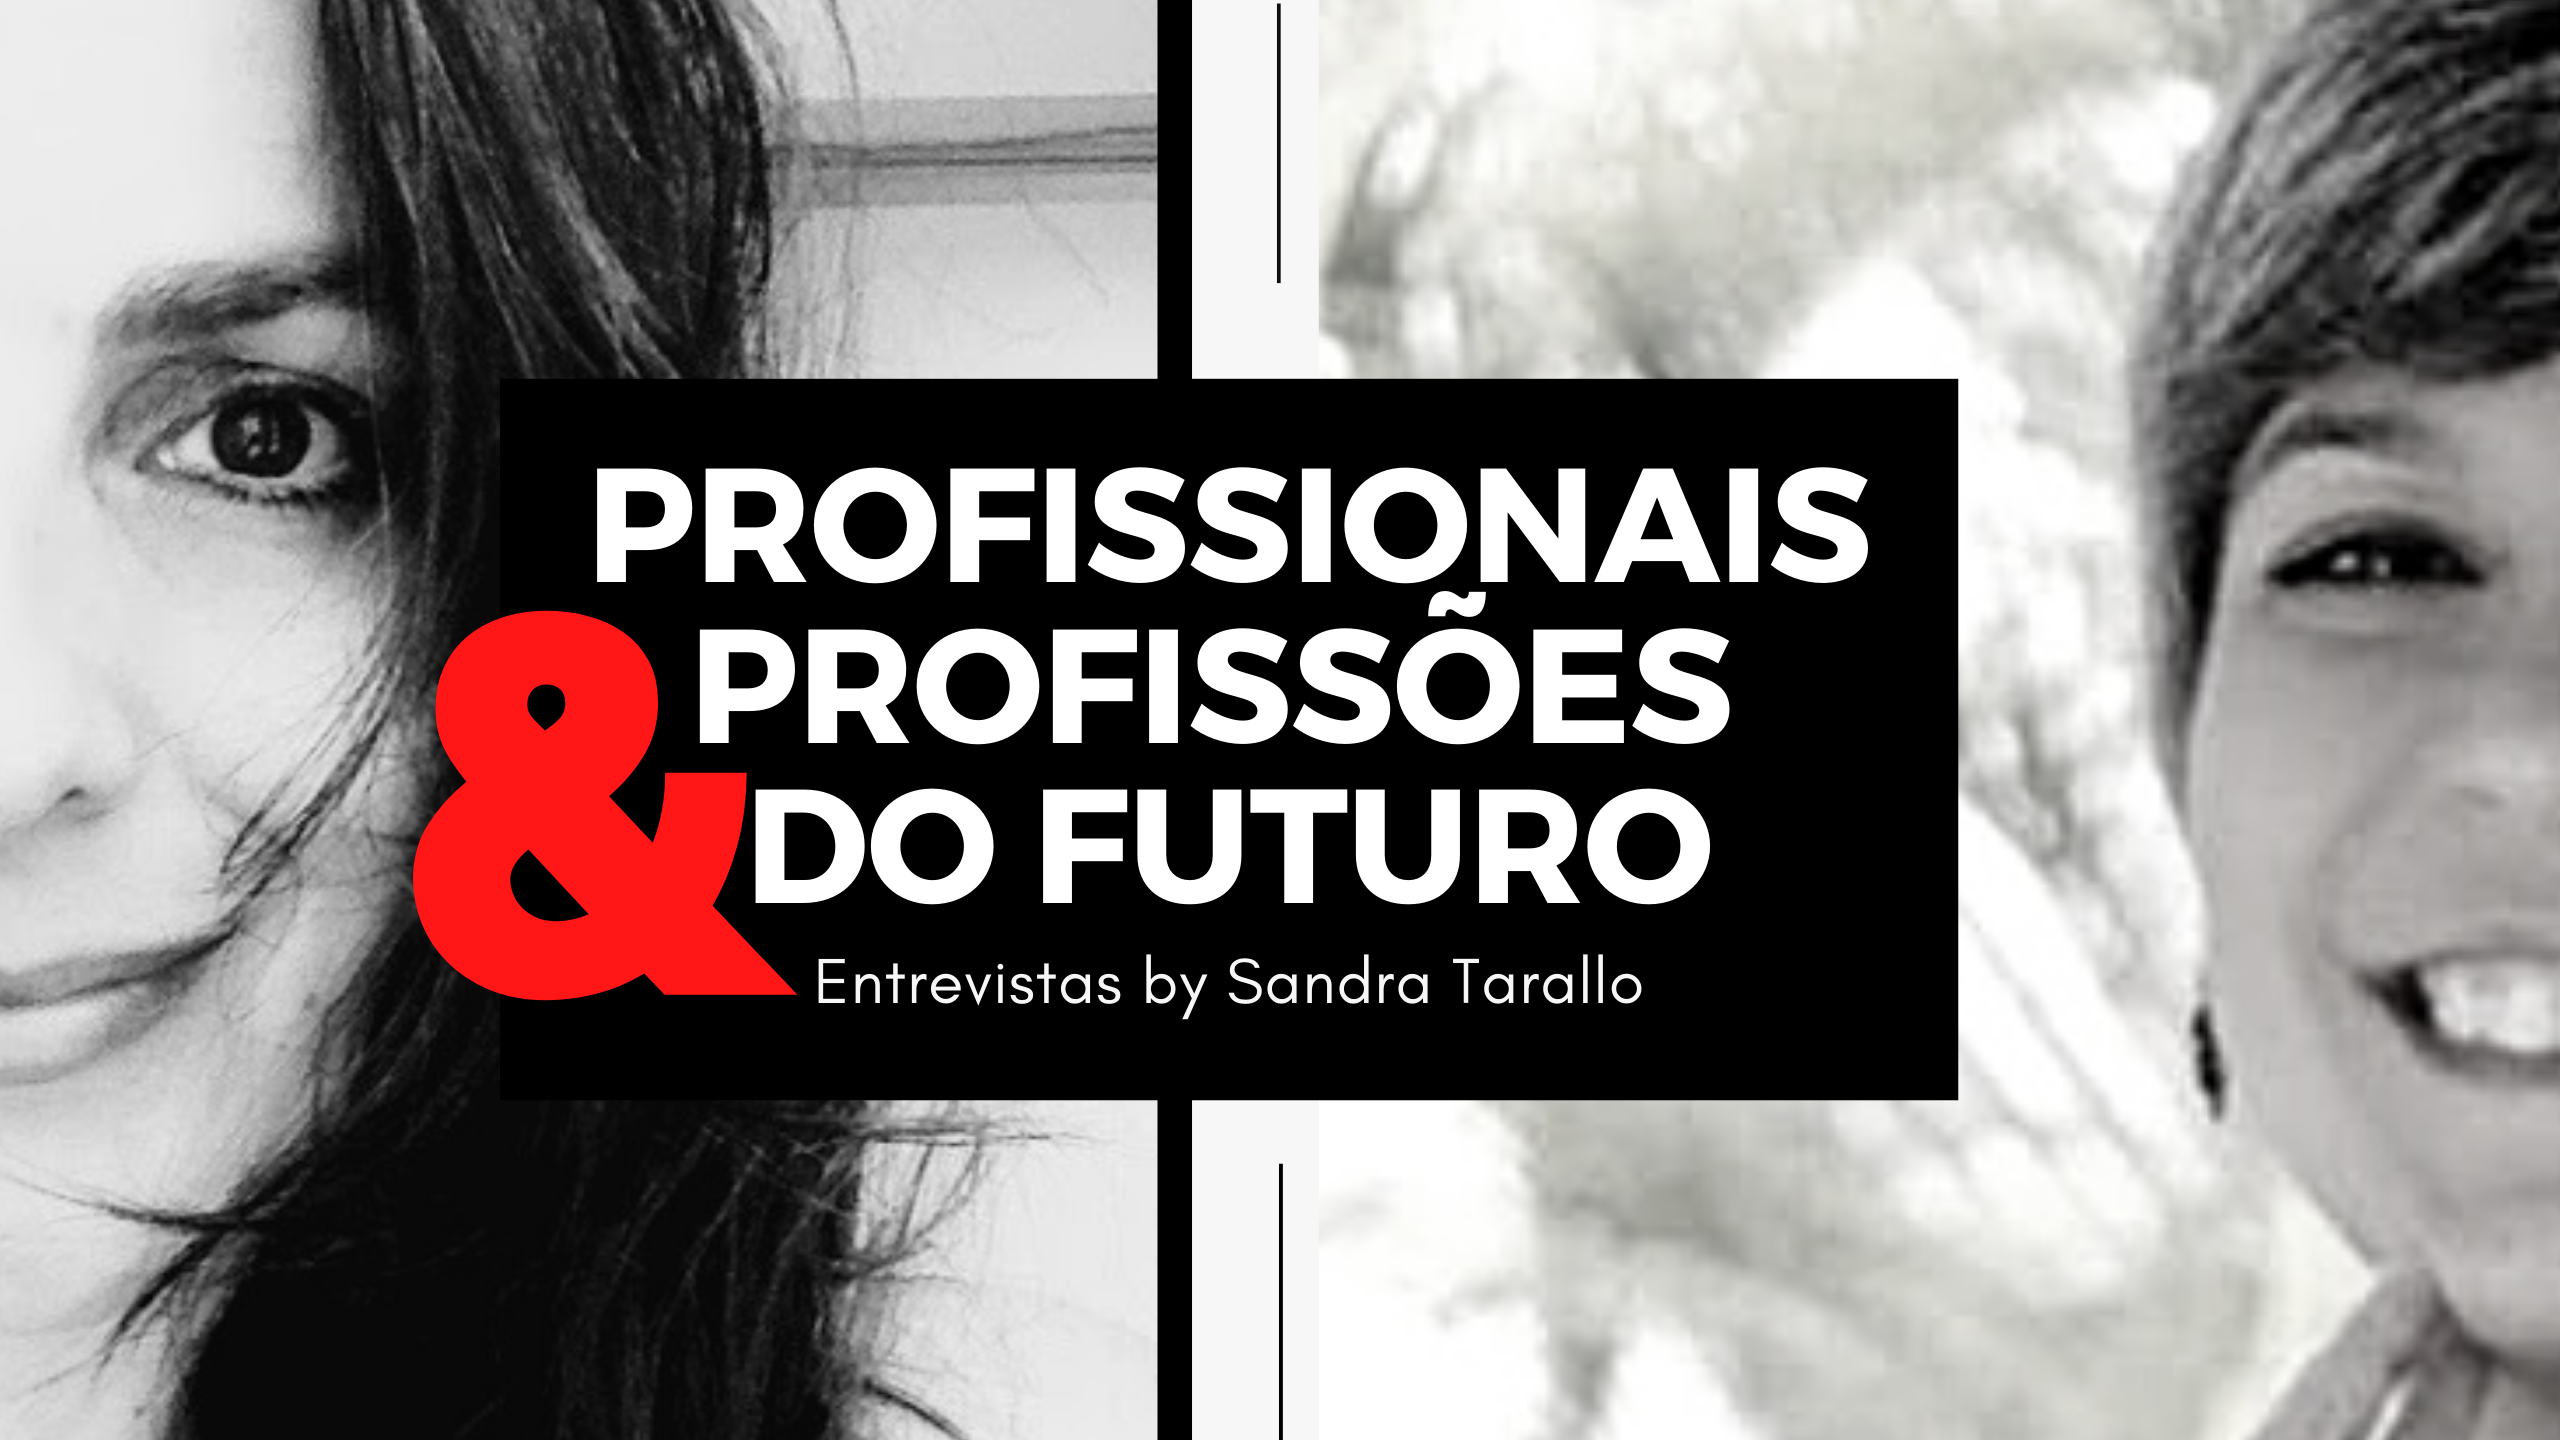 Profissionais Profissões do futuro 1 - Blog